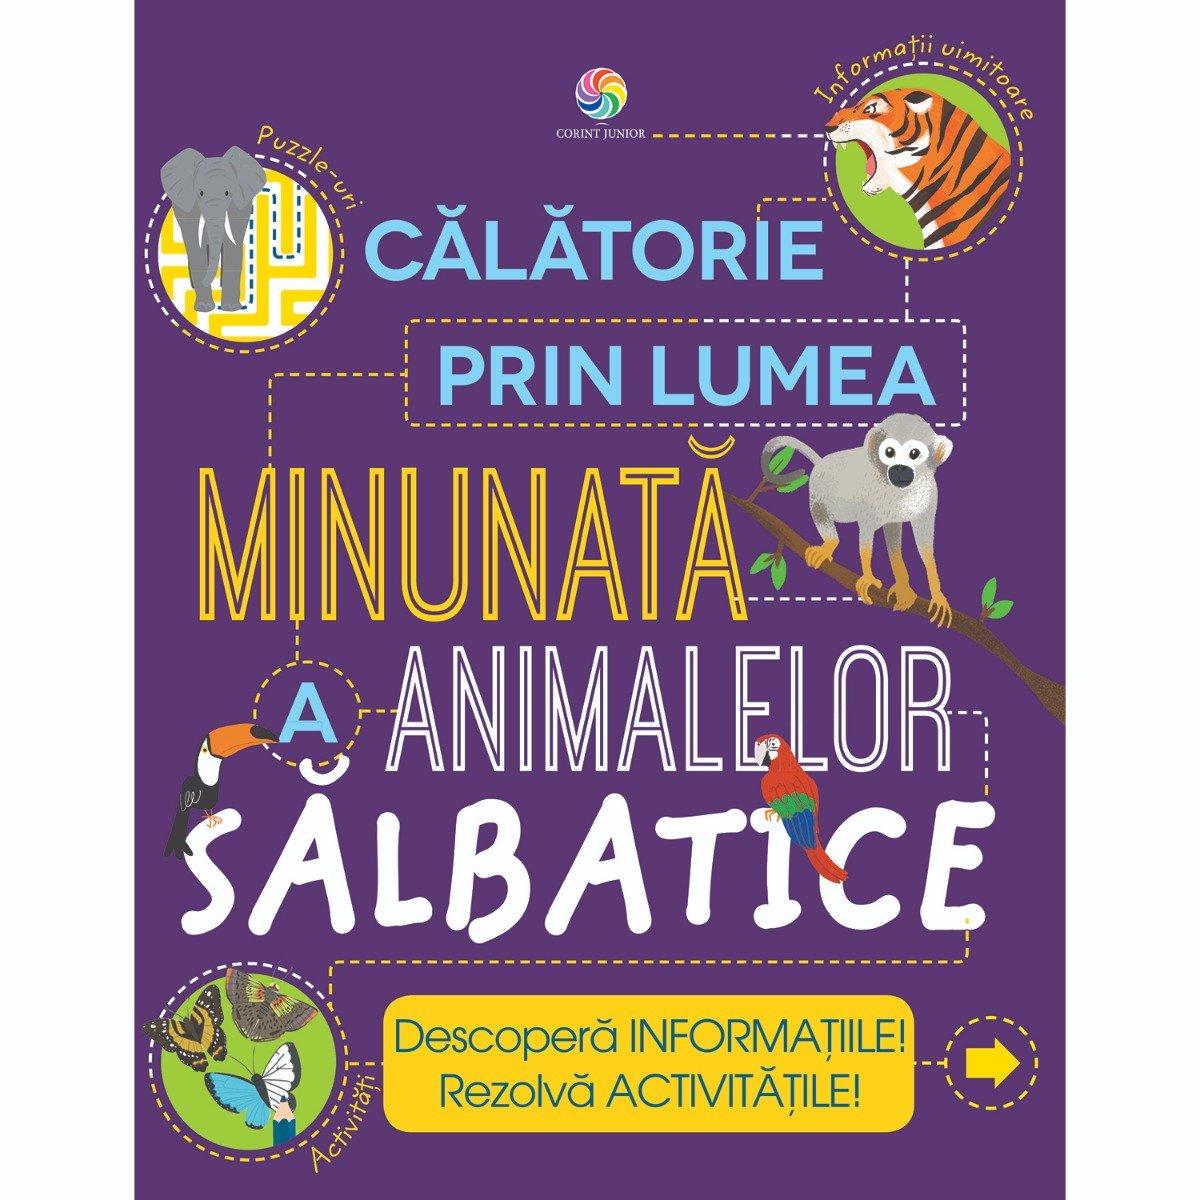 Carte Editura Corint, Calatorie in lumea minunata a animalelor salbatice, Steve Parker